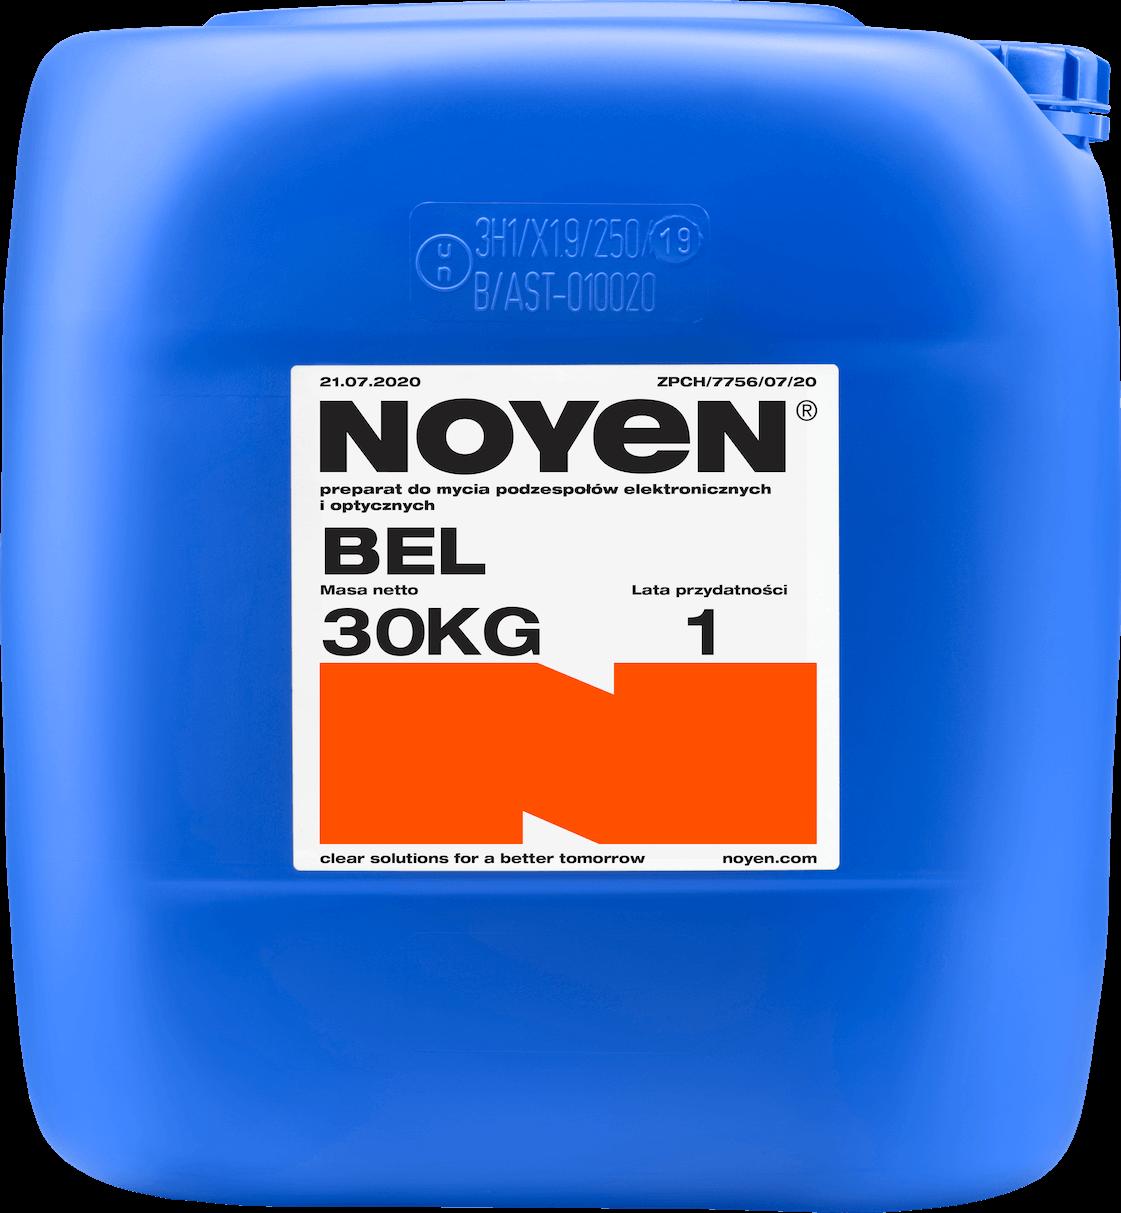 BEL NOYEN 30 KG preparat do mycia podzespołów elektronicznych i optycznych w niebieskim kanistrze